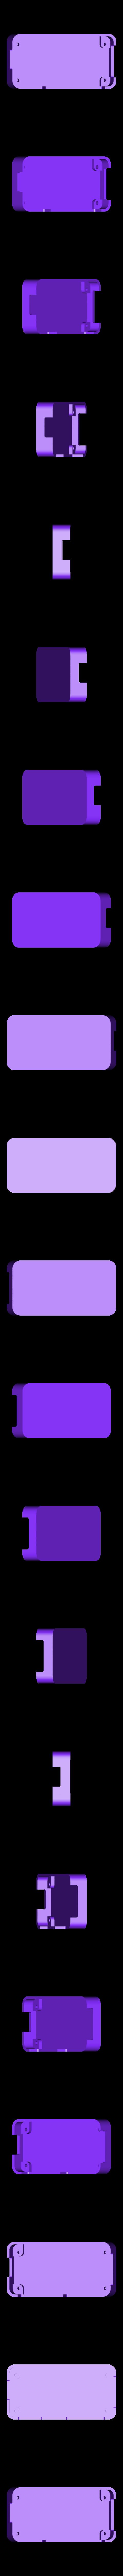 joybon-bot.stl Télécharger fichier STL gratuit Case for Adafruit Joy Bonnet - Raspberry Pi Zero W • Modèle imprimable en 3D, Adafruit